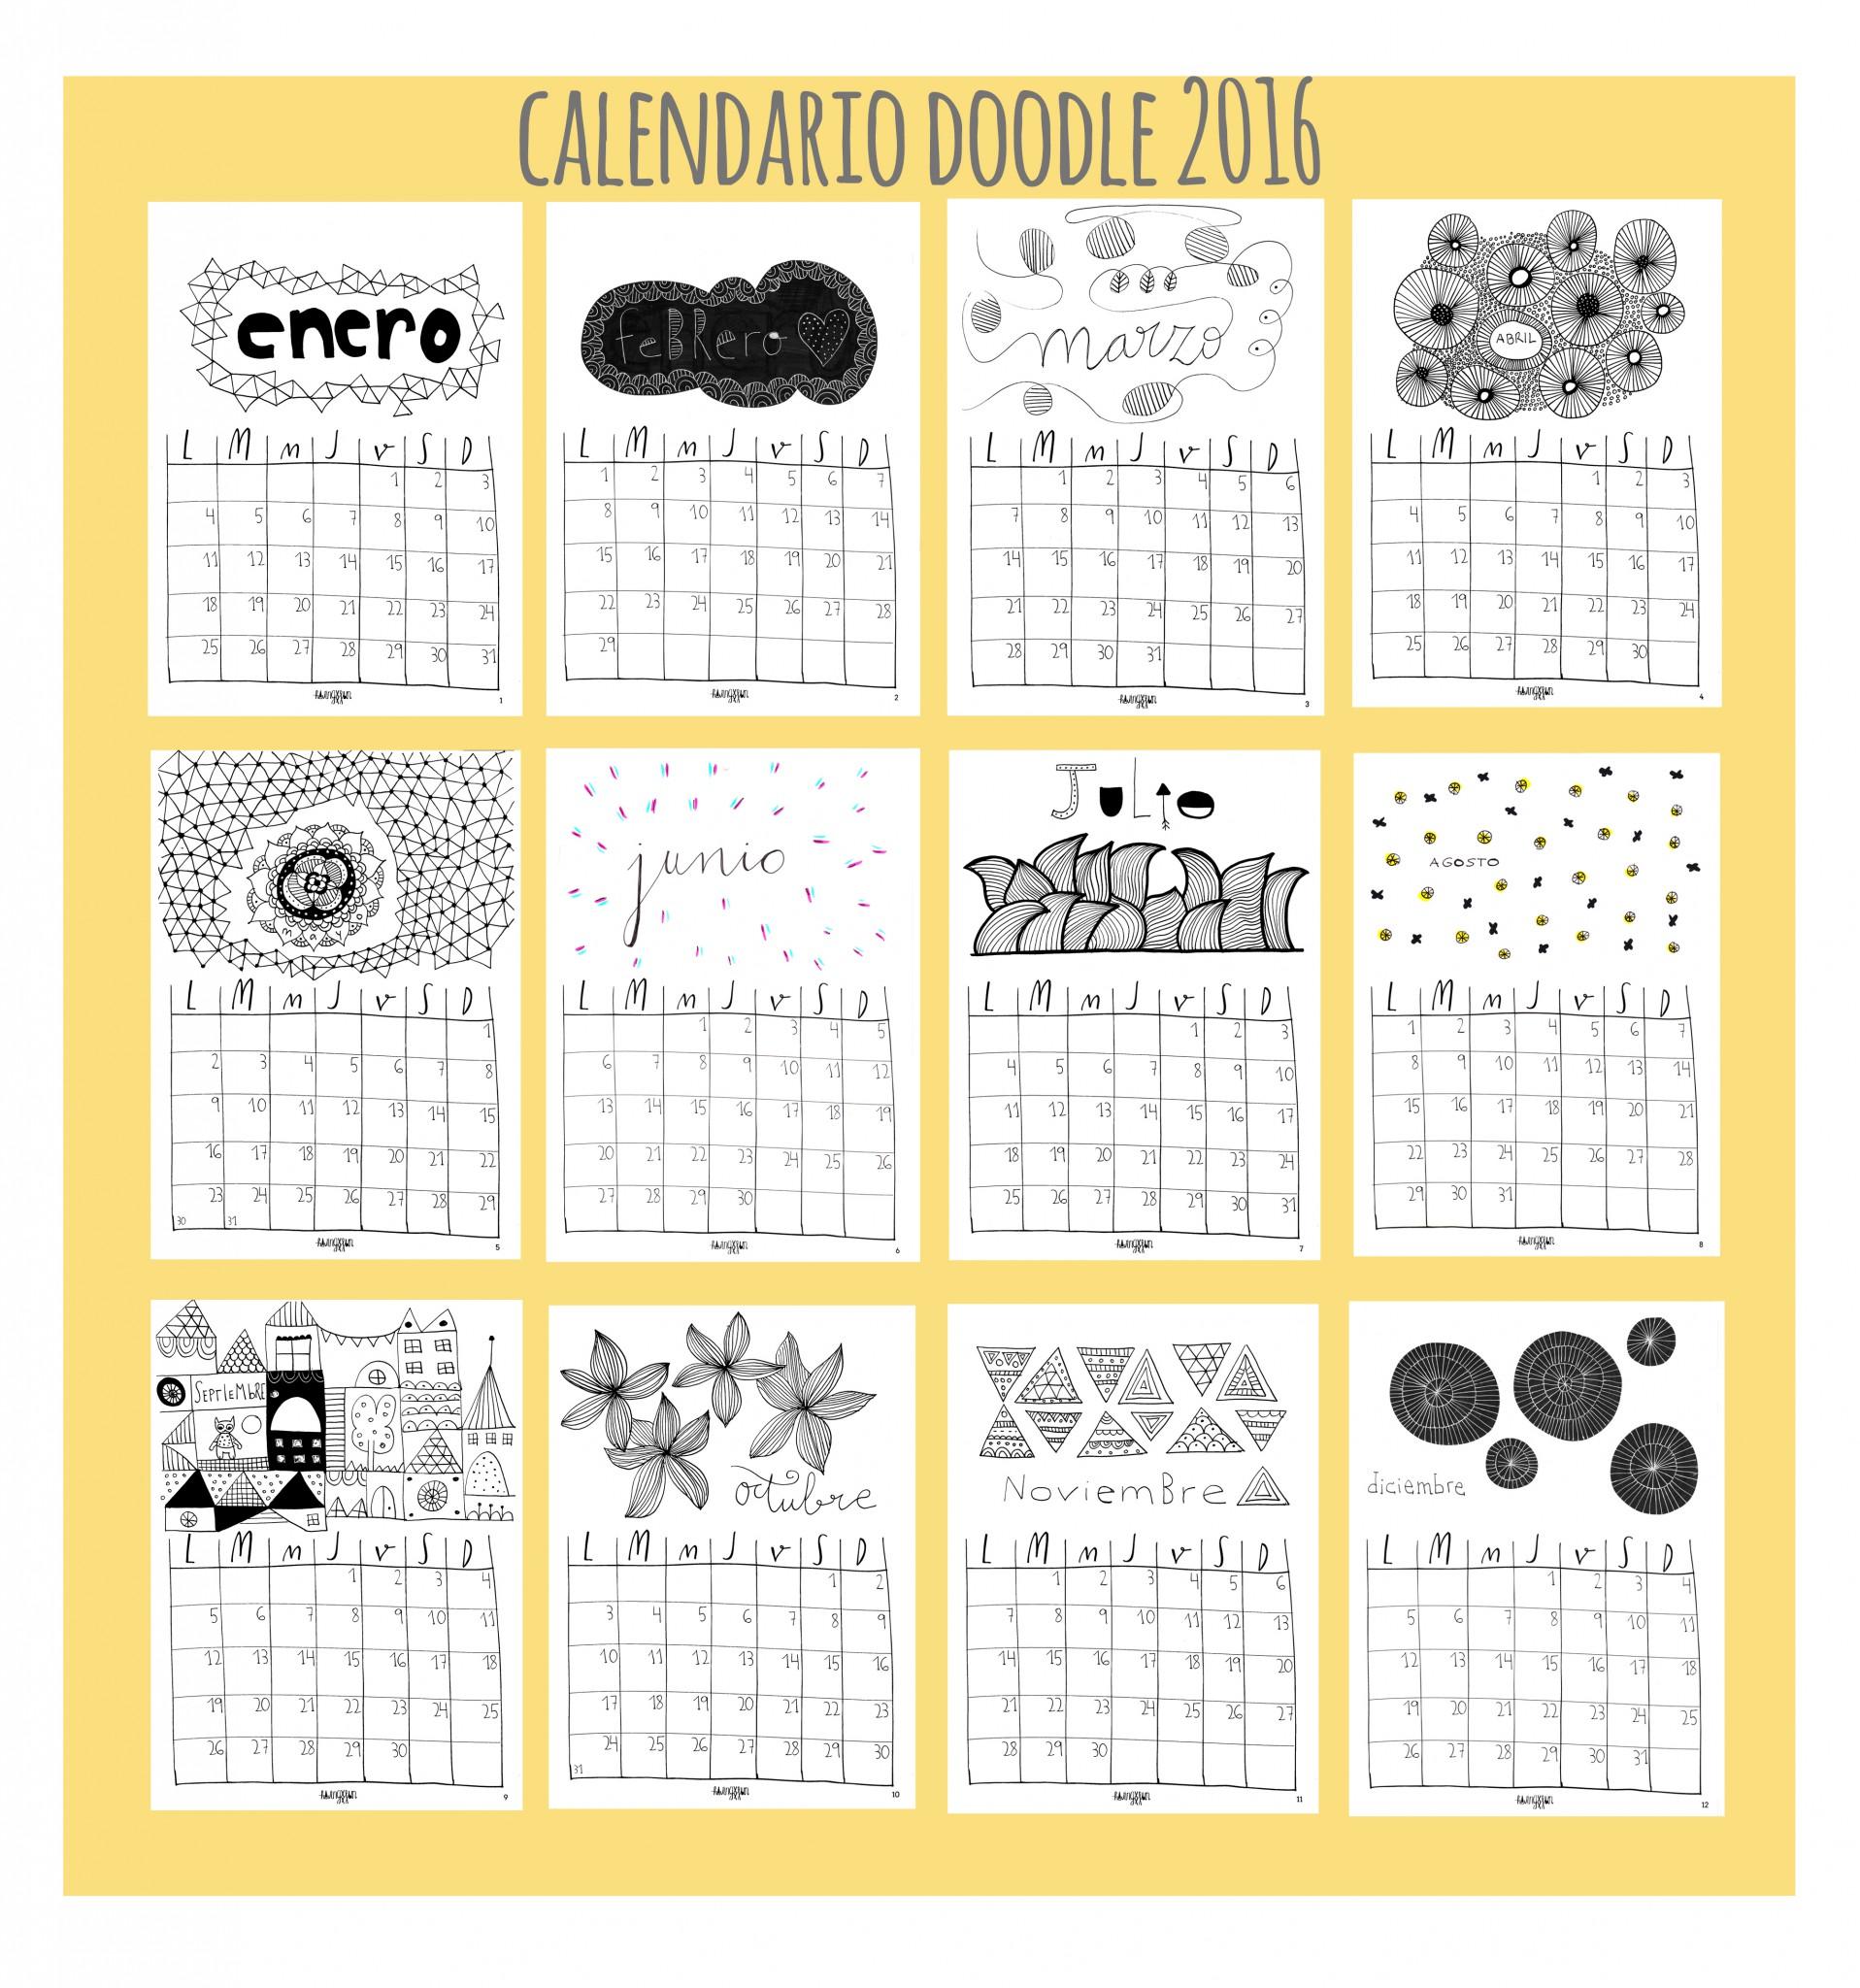 calendario doodle 2016